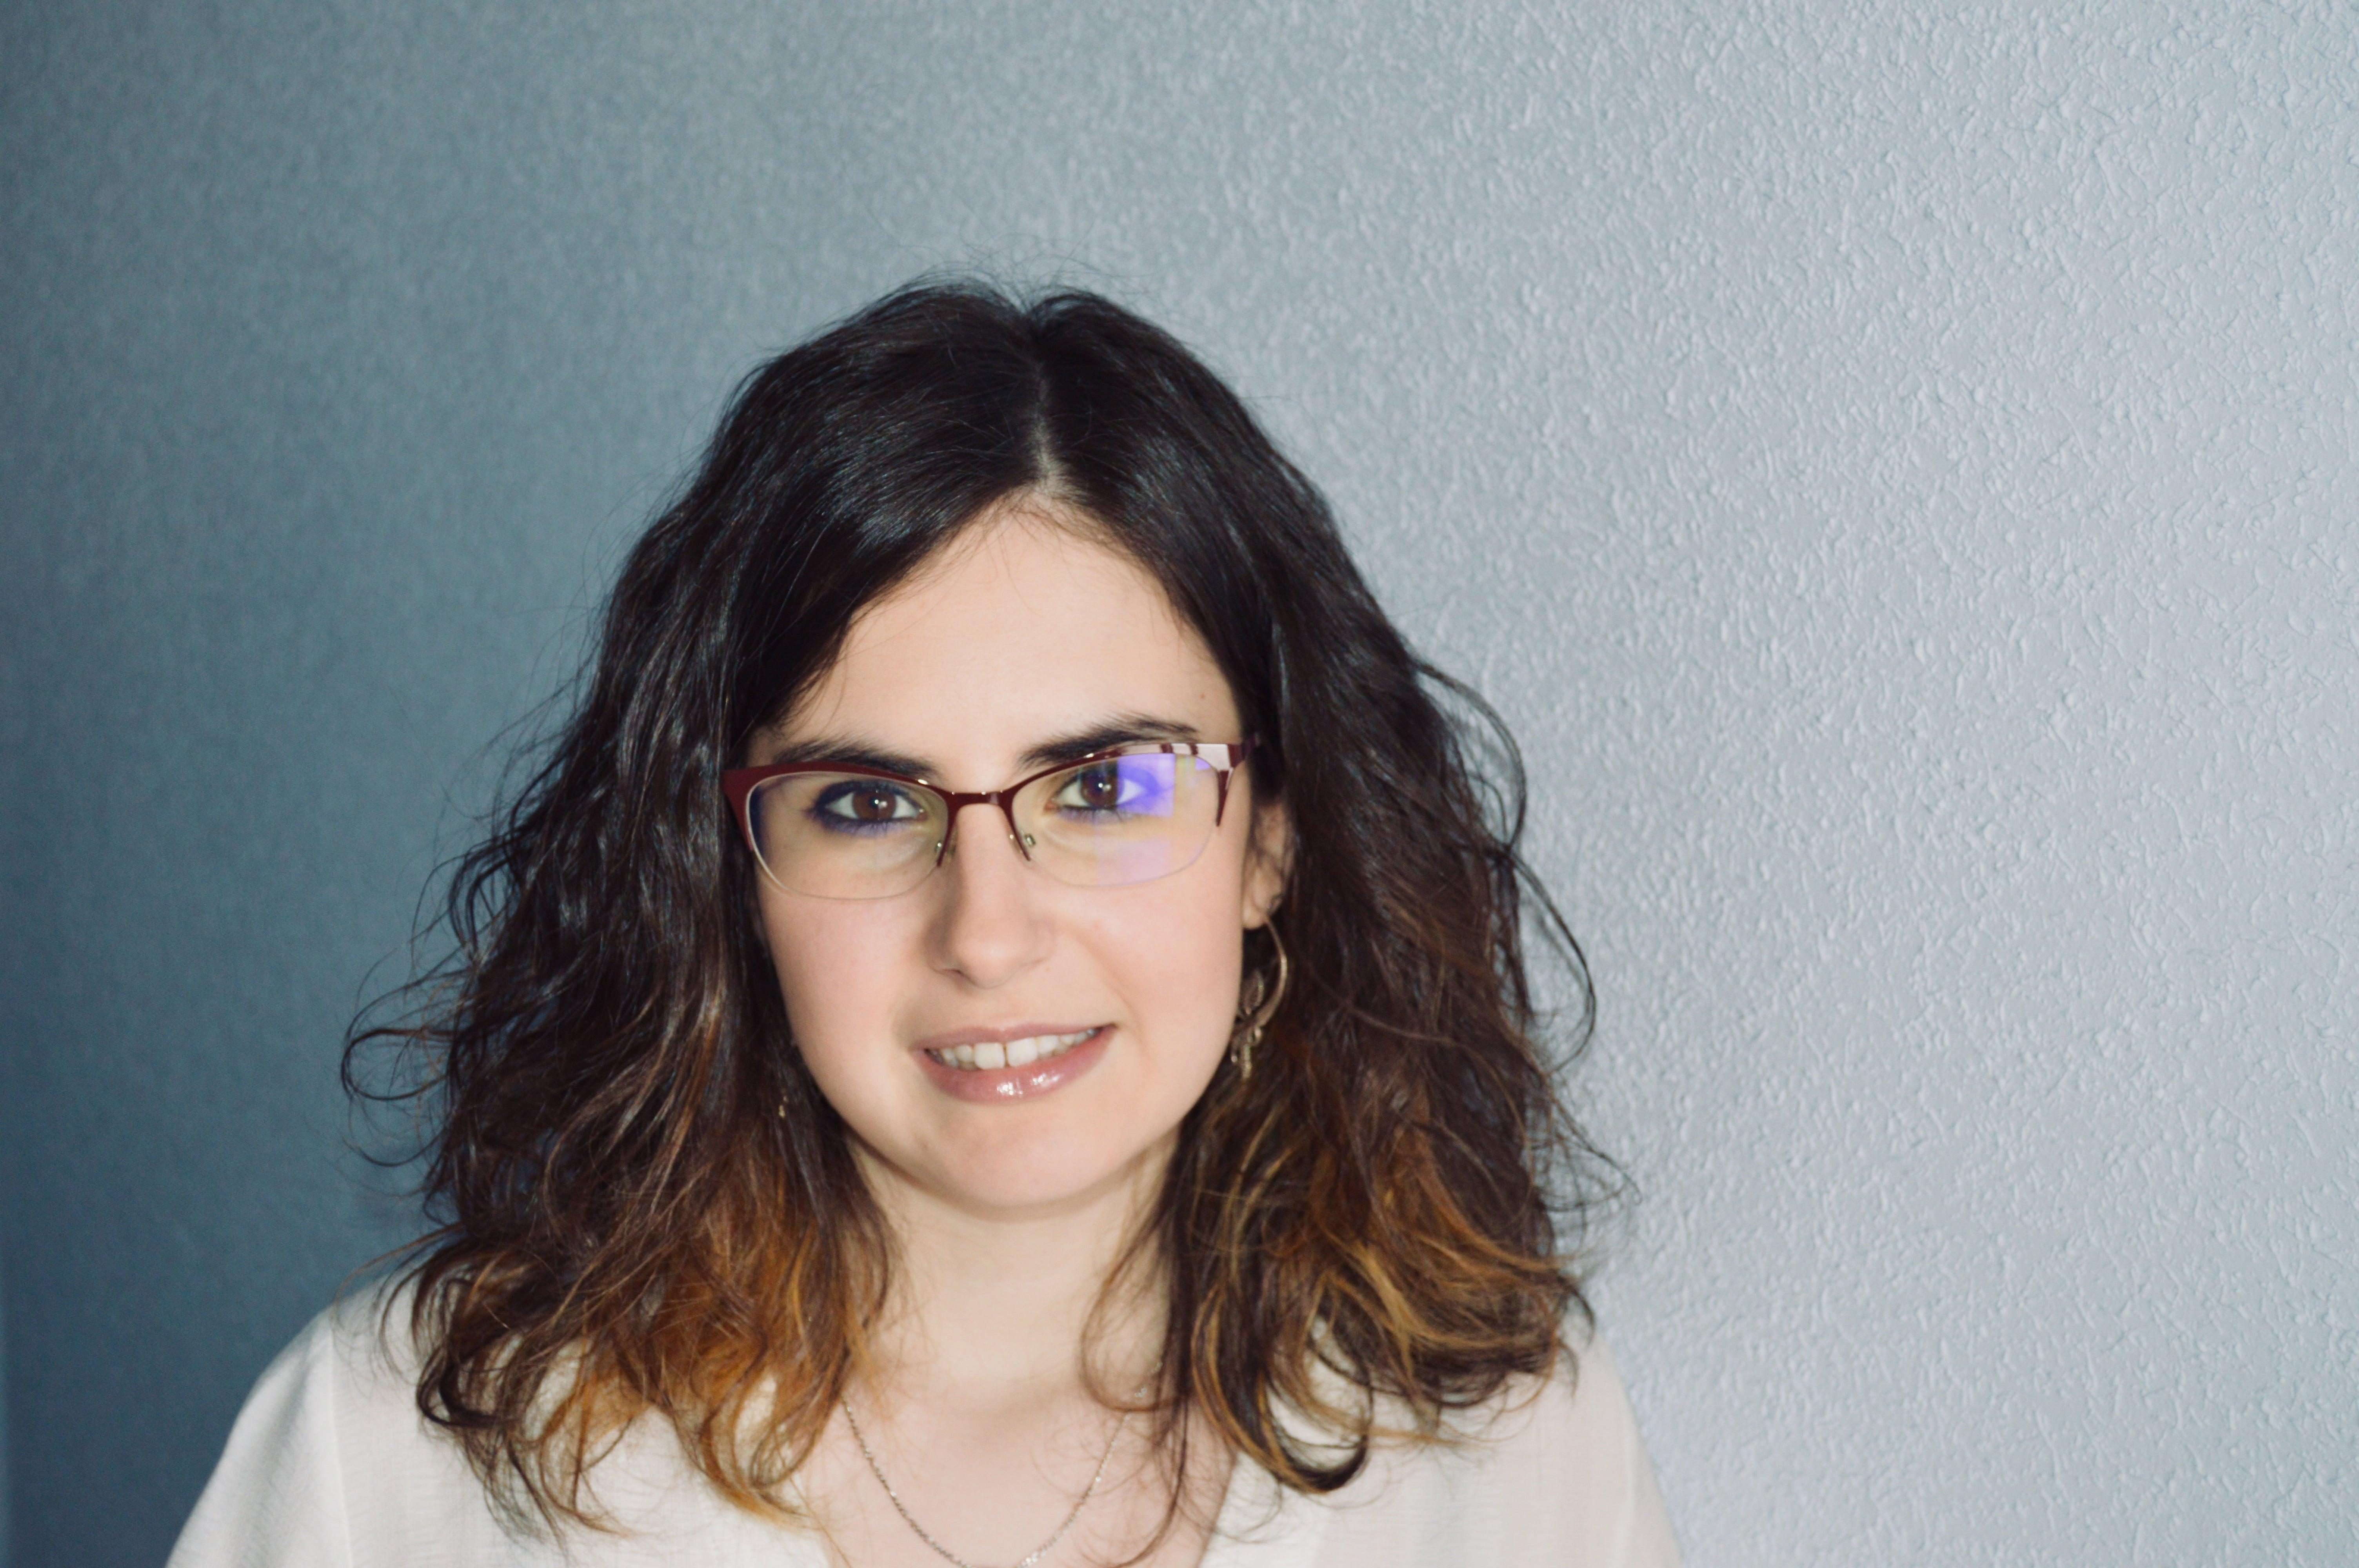 Batallas contra la ansiedad con la ayuda de terapia psicológica - Naiara Insausti Eguia - Psicóloga en Segovia